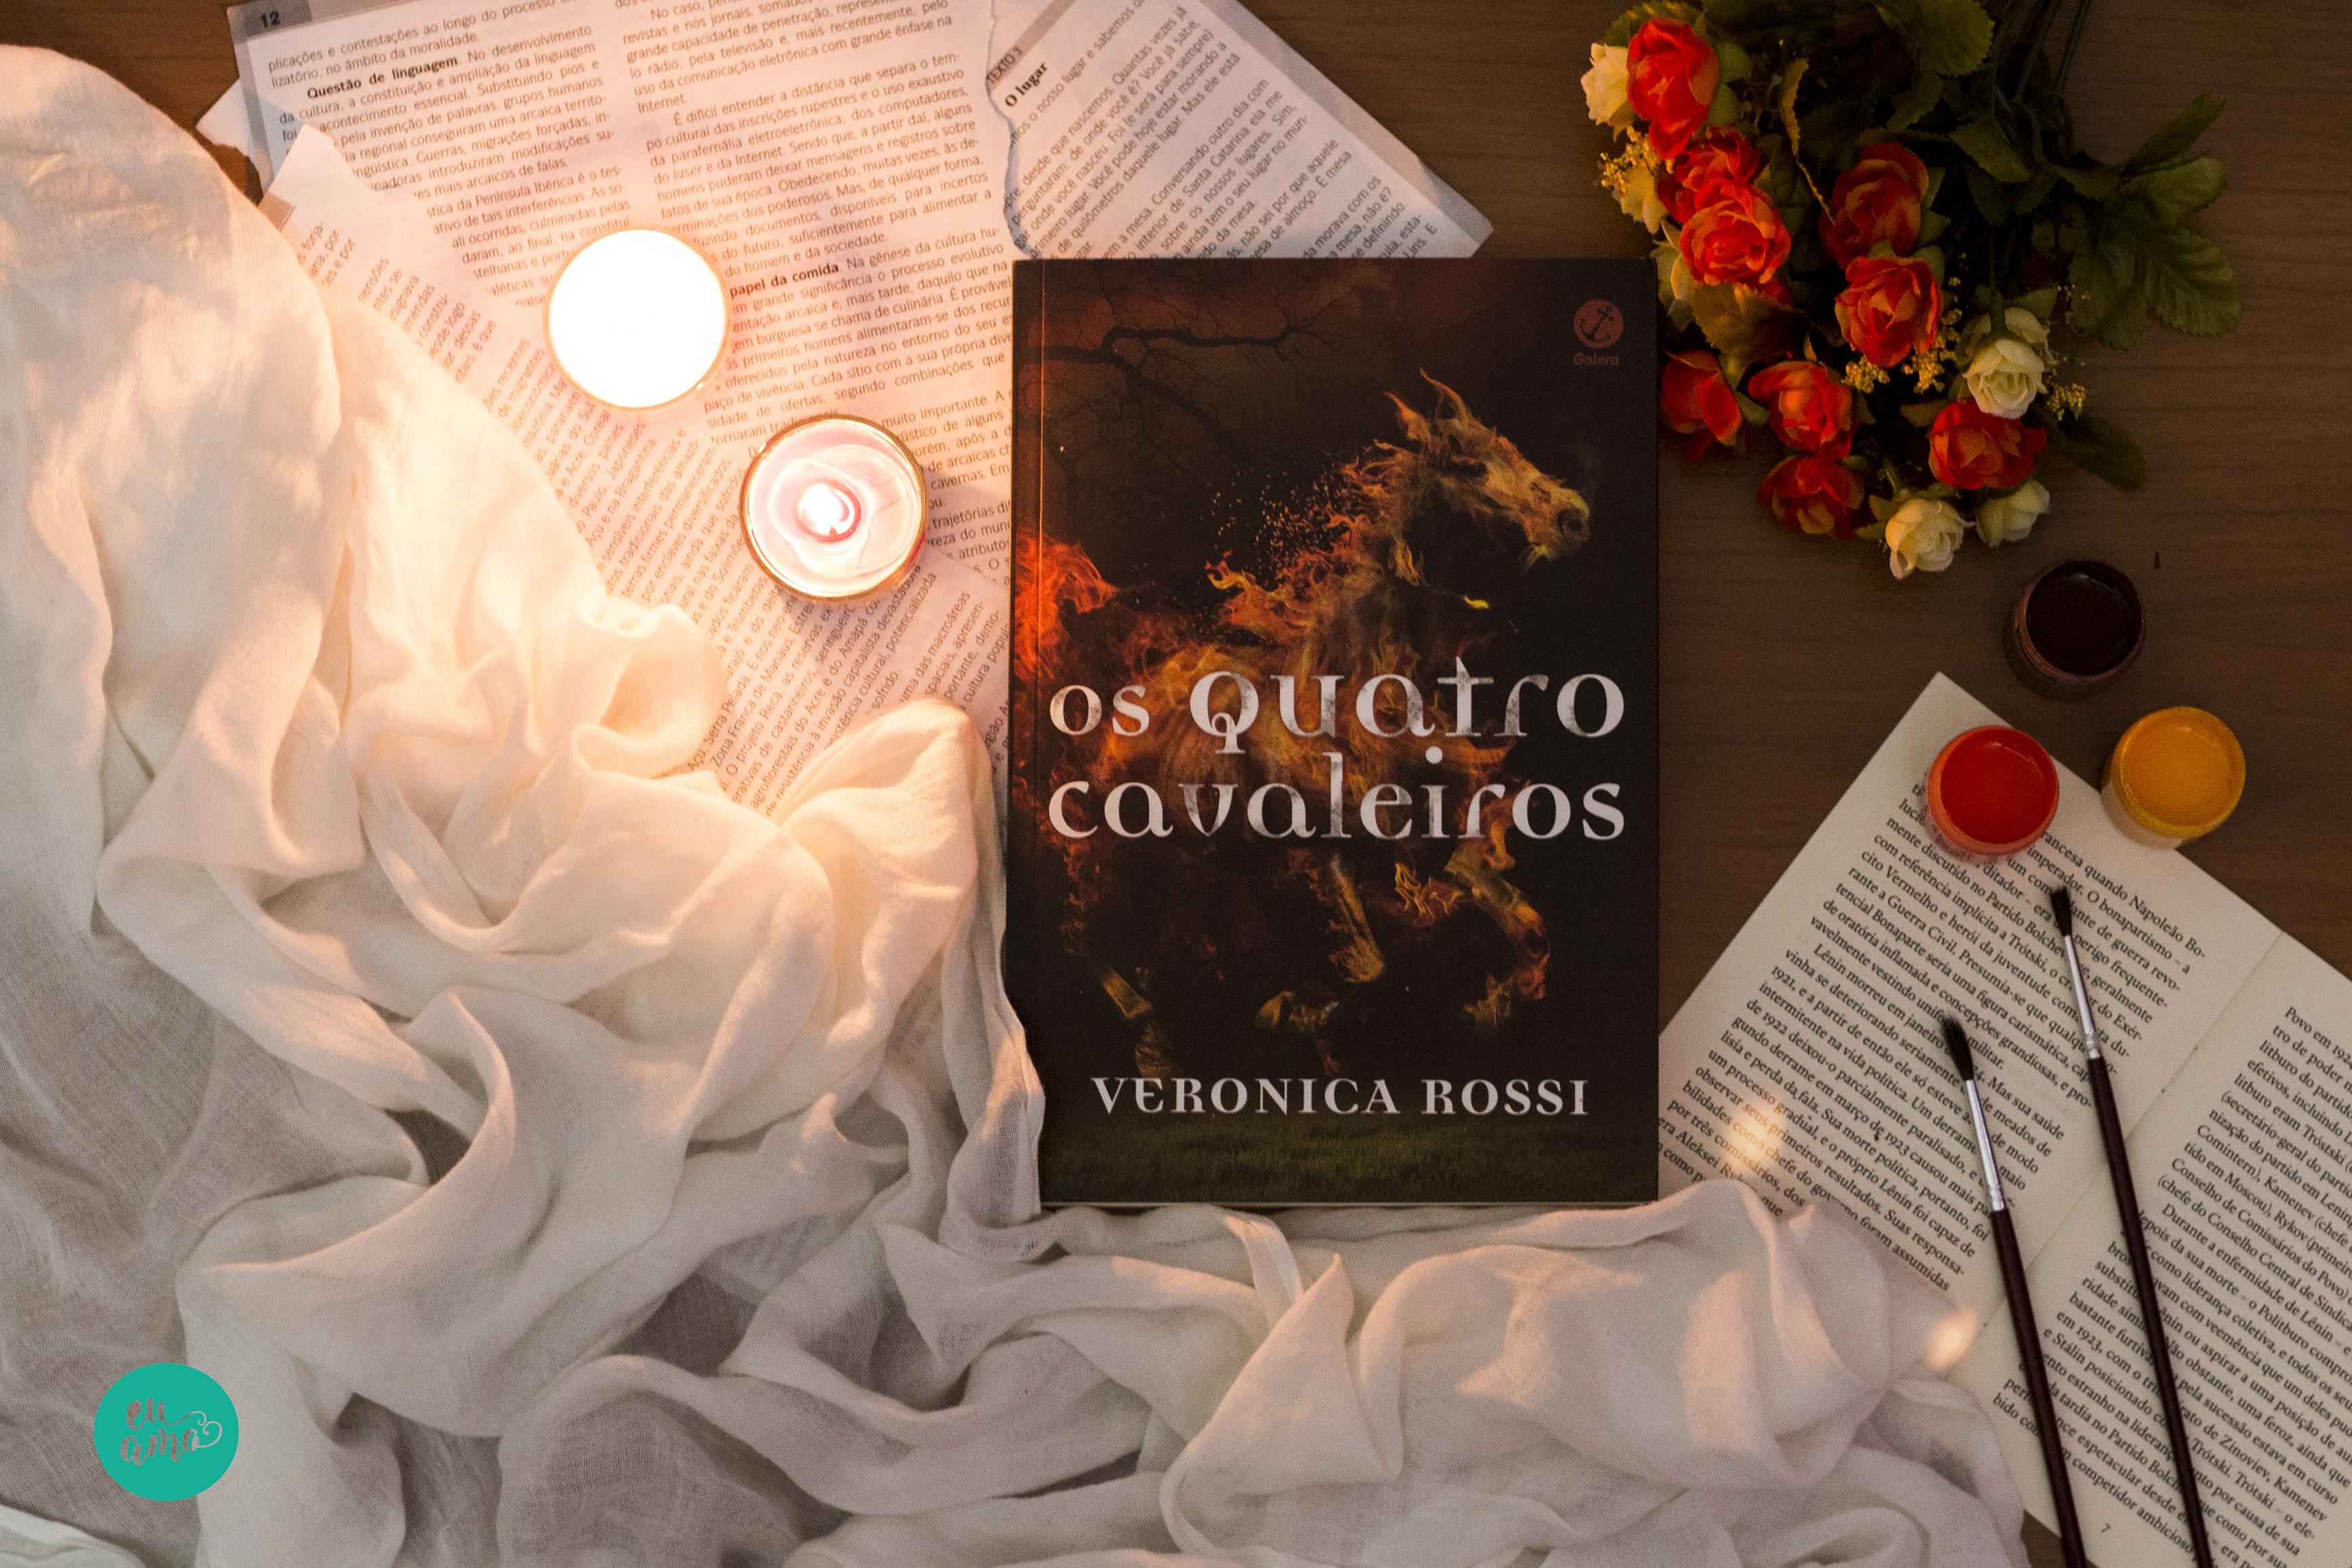 Resenha: Os Quatro Cavaleiros | Veronica Rossi